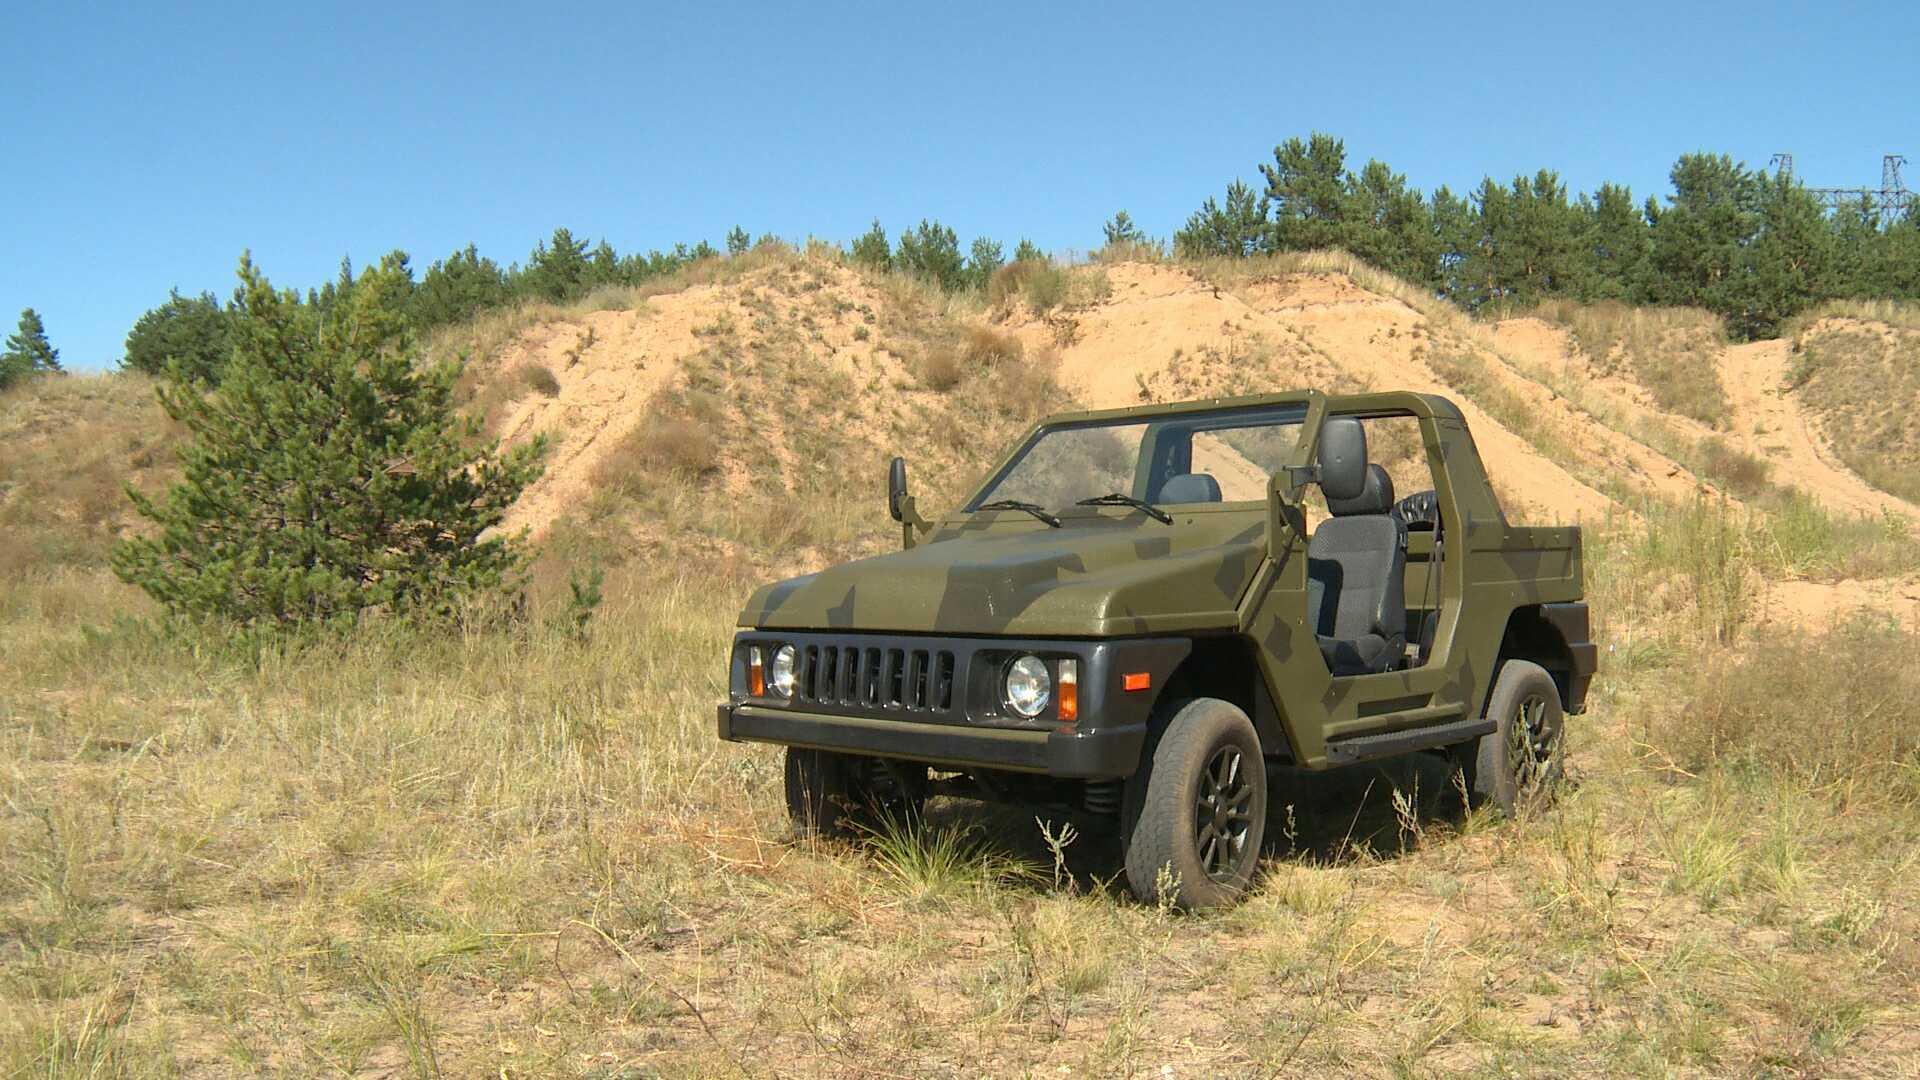 Tanpa Atap dan Pintu, Mobil Terbaru Tentara Rusia Tahan Api dan Antibeku